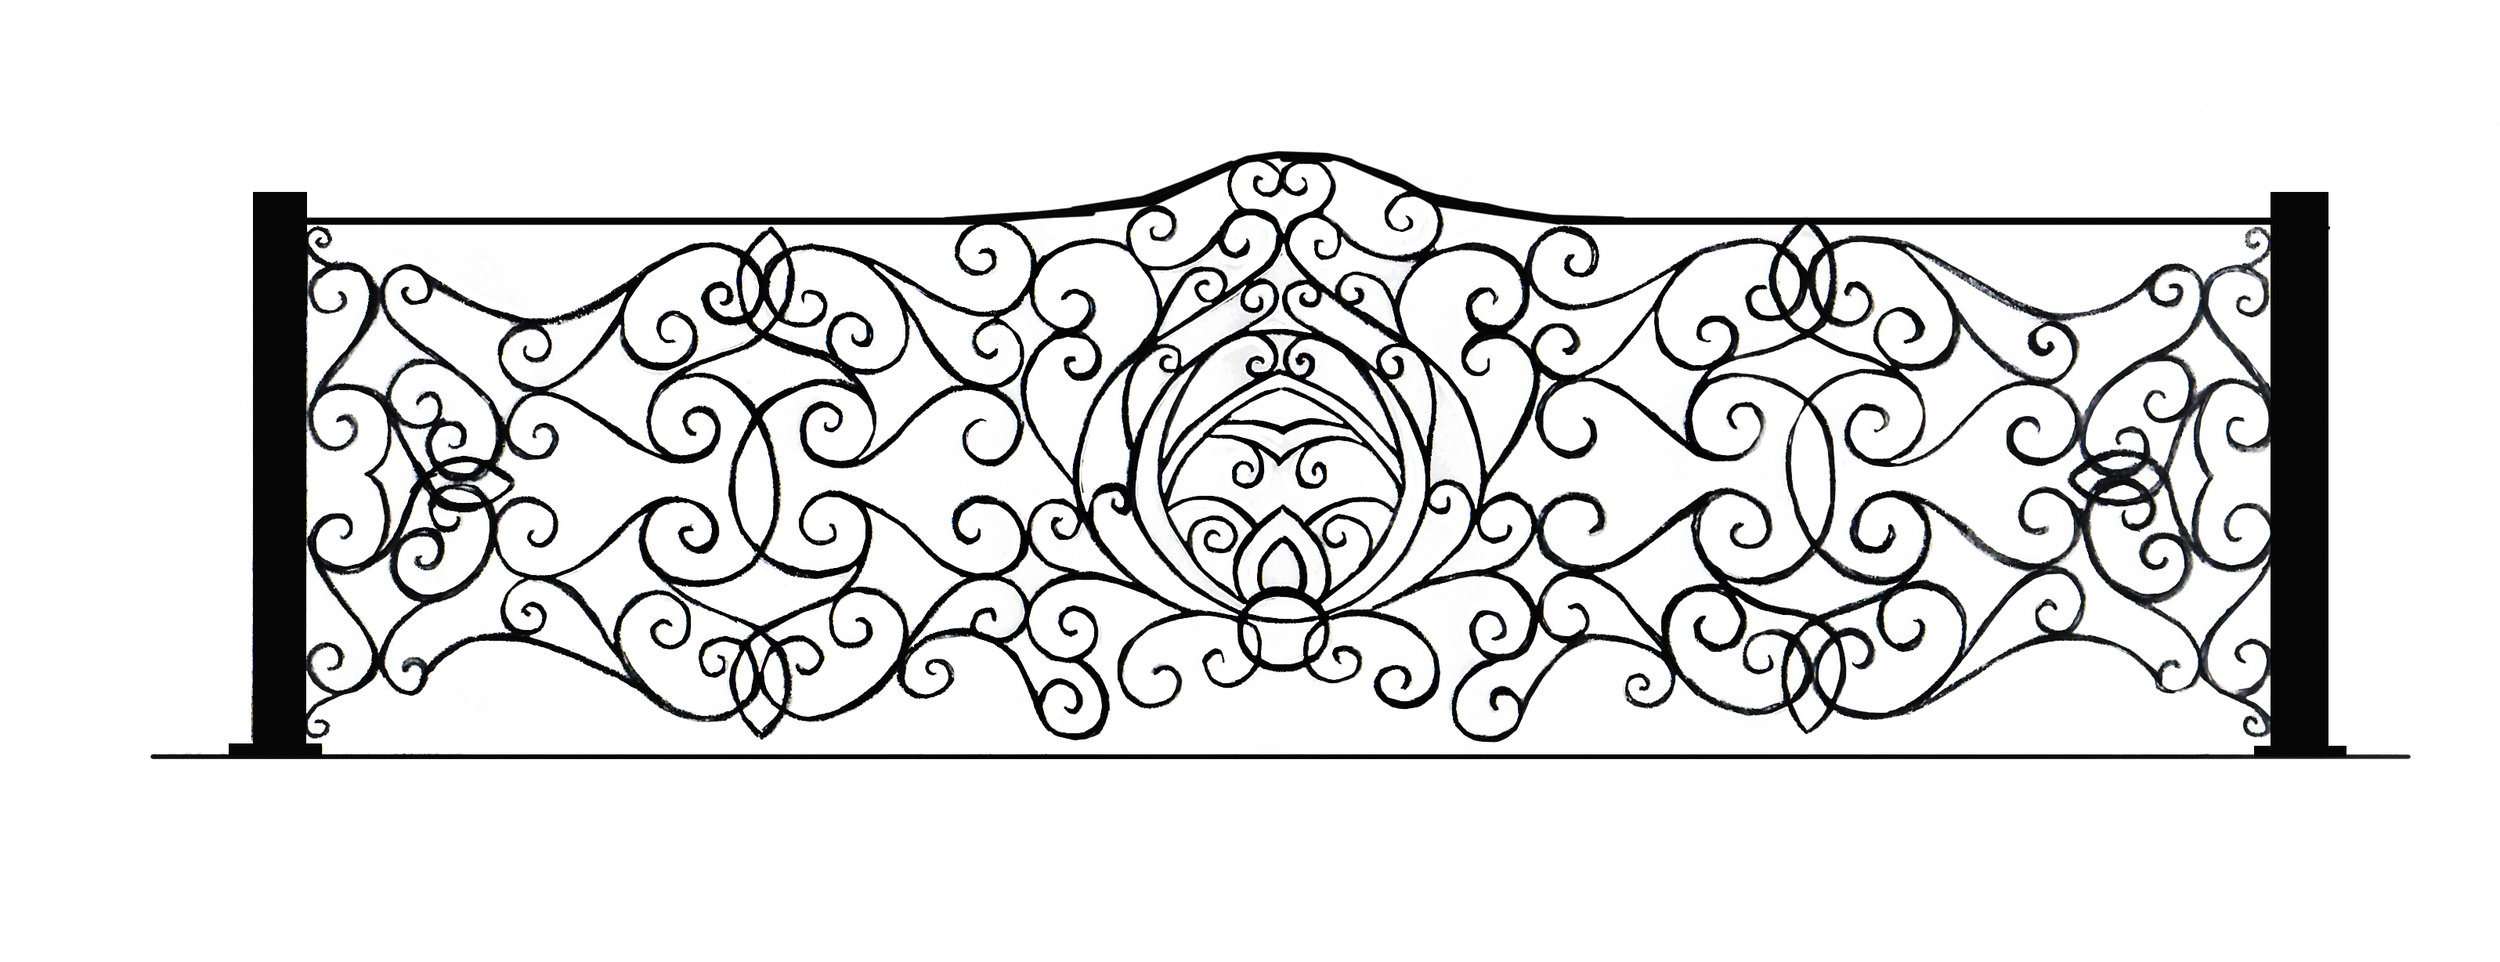 front upper railing Design.jpg